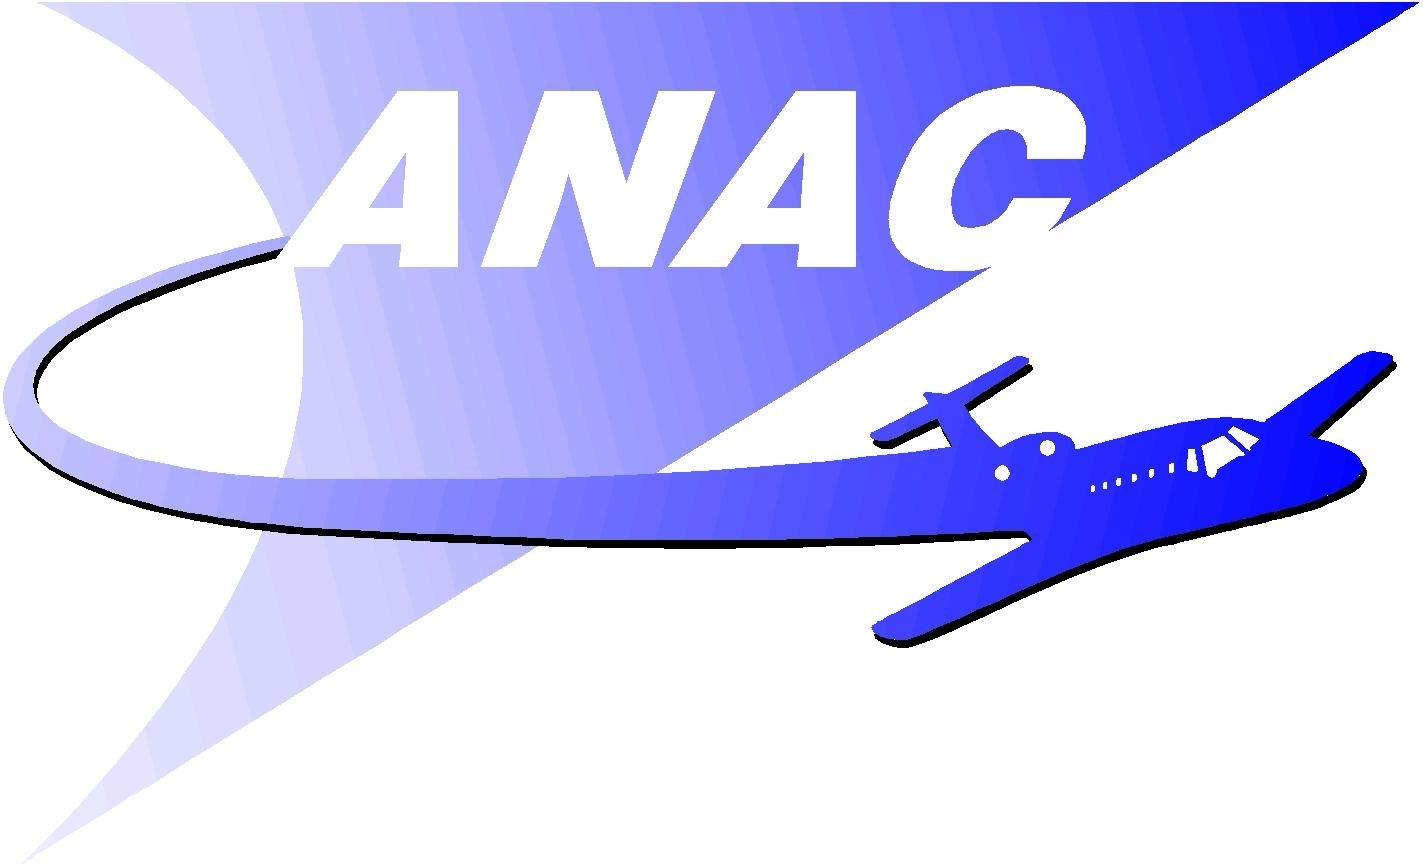 http://2.bp.blogspot.com/_il2Cj2zlnyE/TI4tnHsVmPI/AAAAAAAAFVk/2pPy4J2jghA/s1600/ANAC.jpg